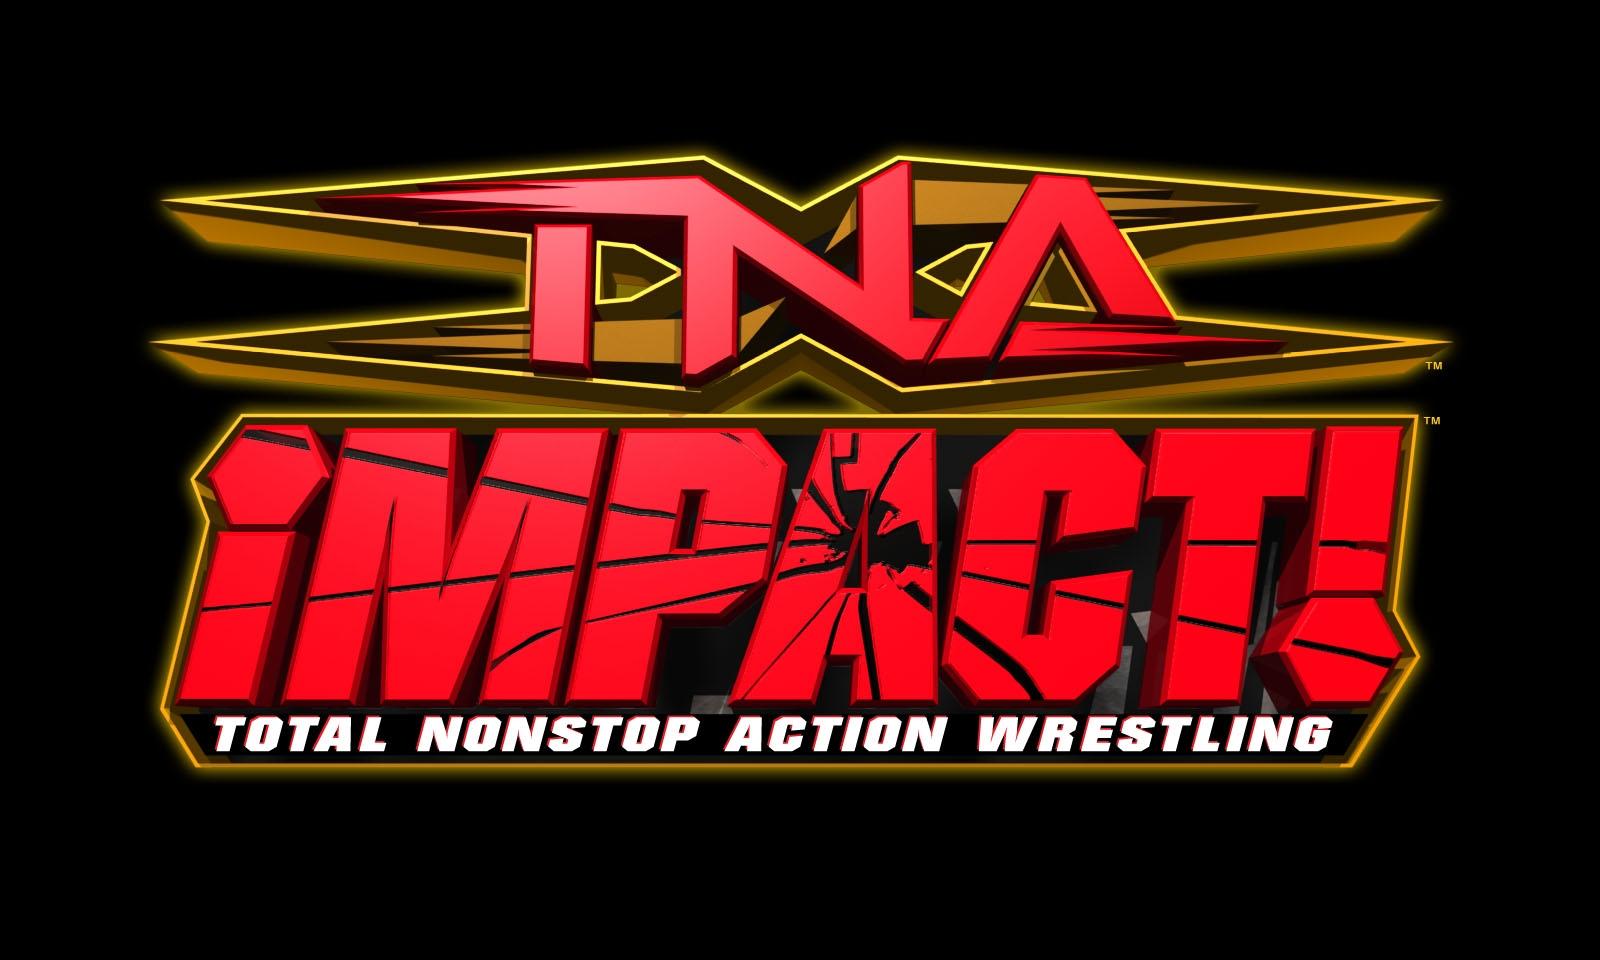 TNA Total Nonstop Action Wrestling